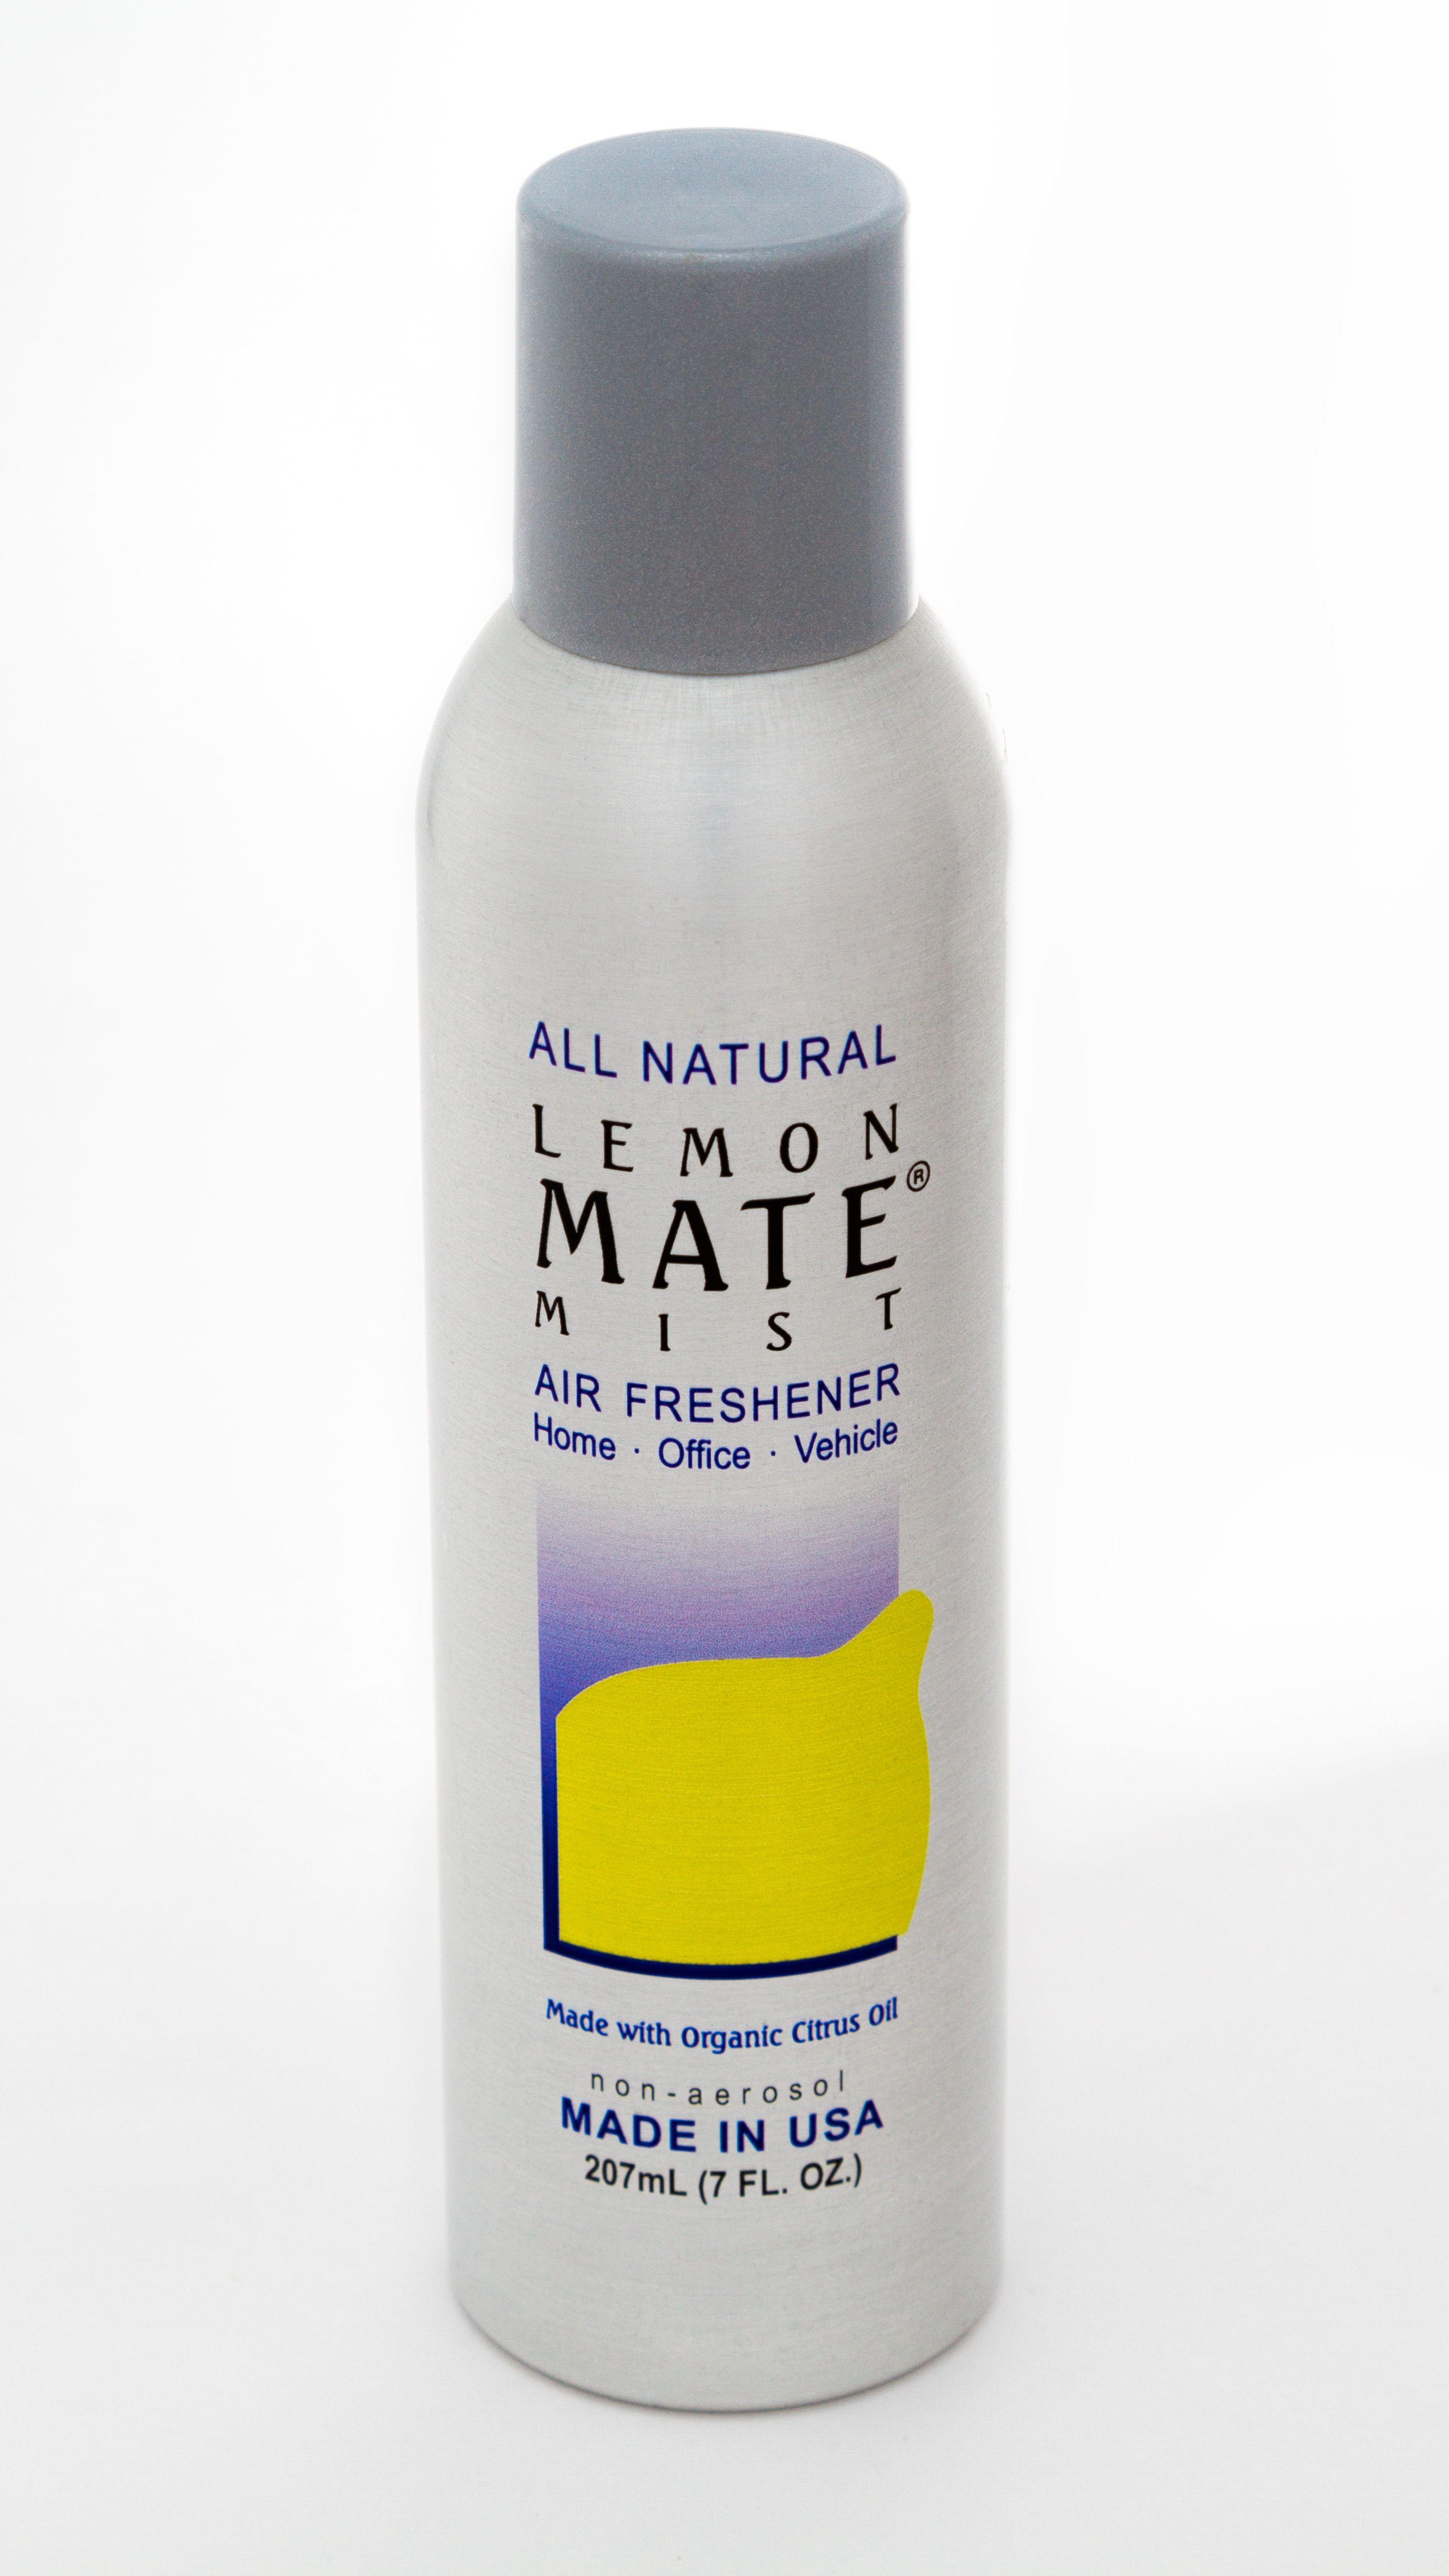 All Natural LemonMate Mist in a 7oz nonaerosol bottle